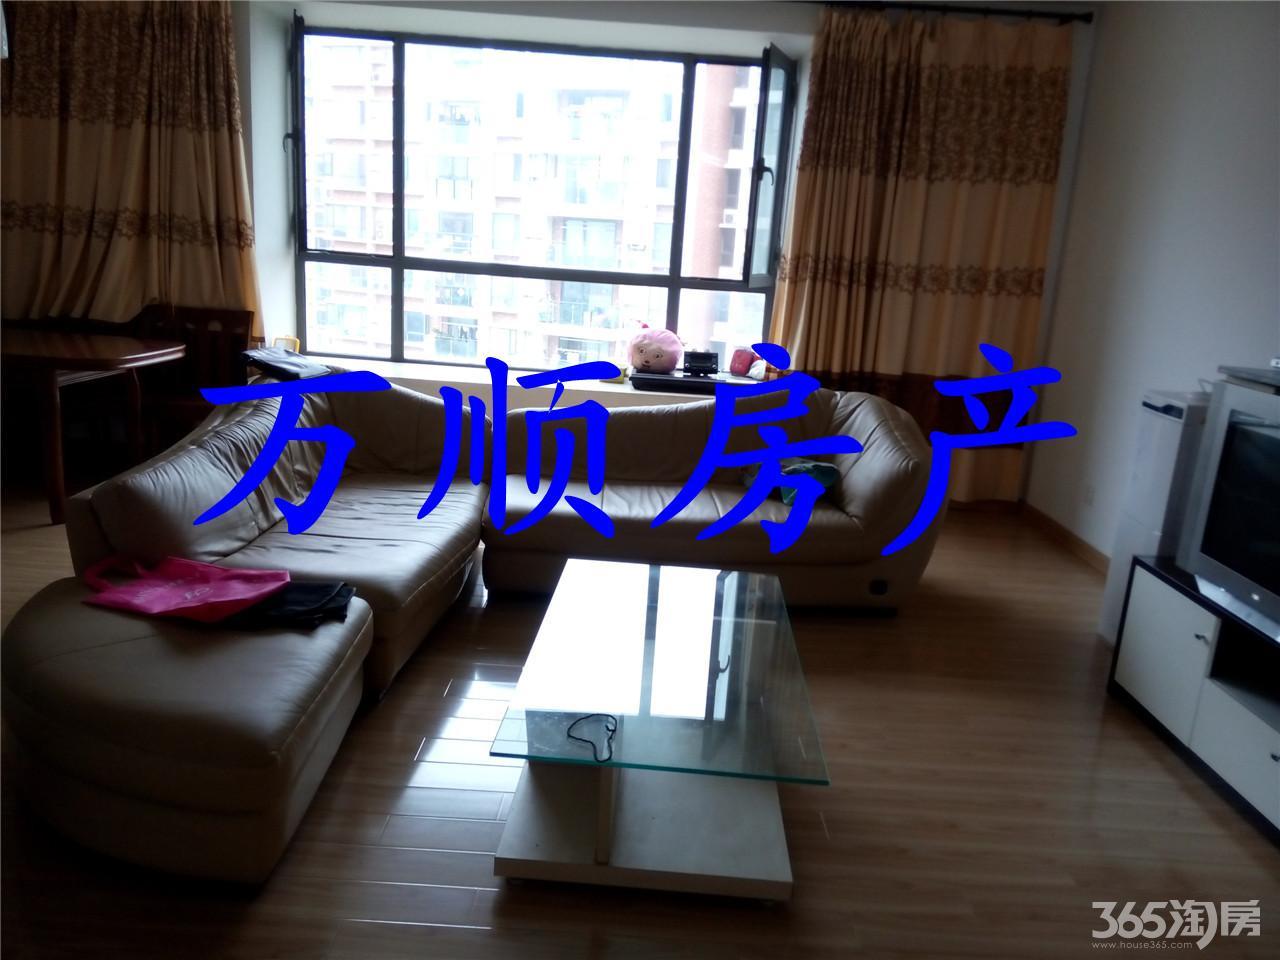 侨鸿凤凰花园145平米3室2厅中装全设3300/月